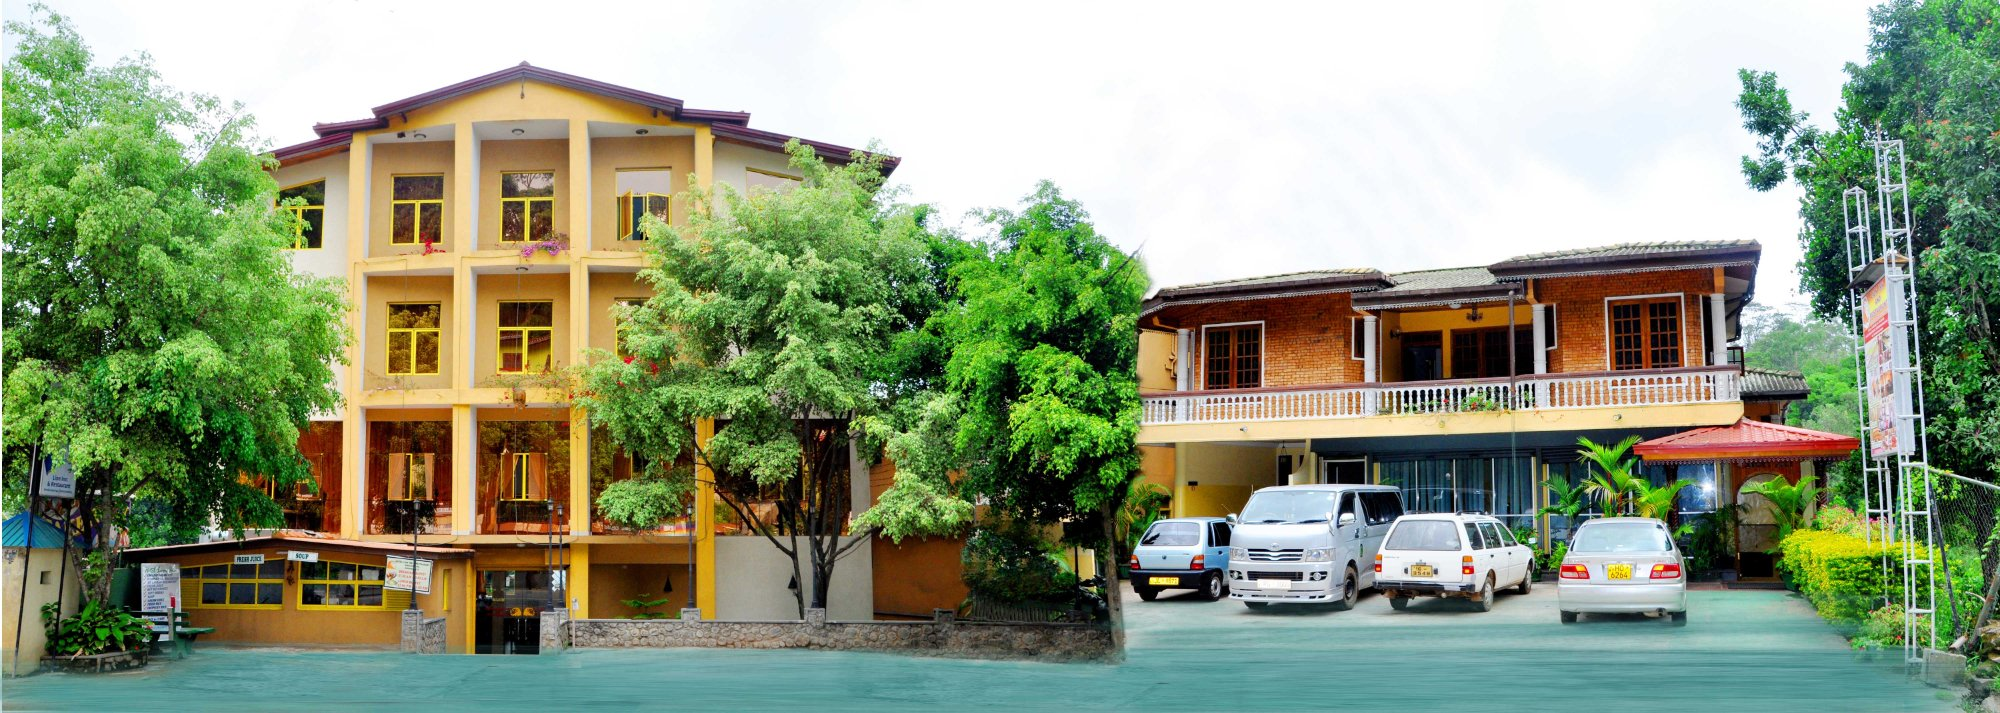 獅子客棧酒店